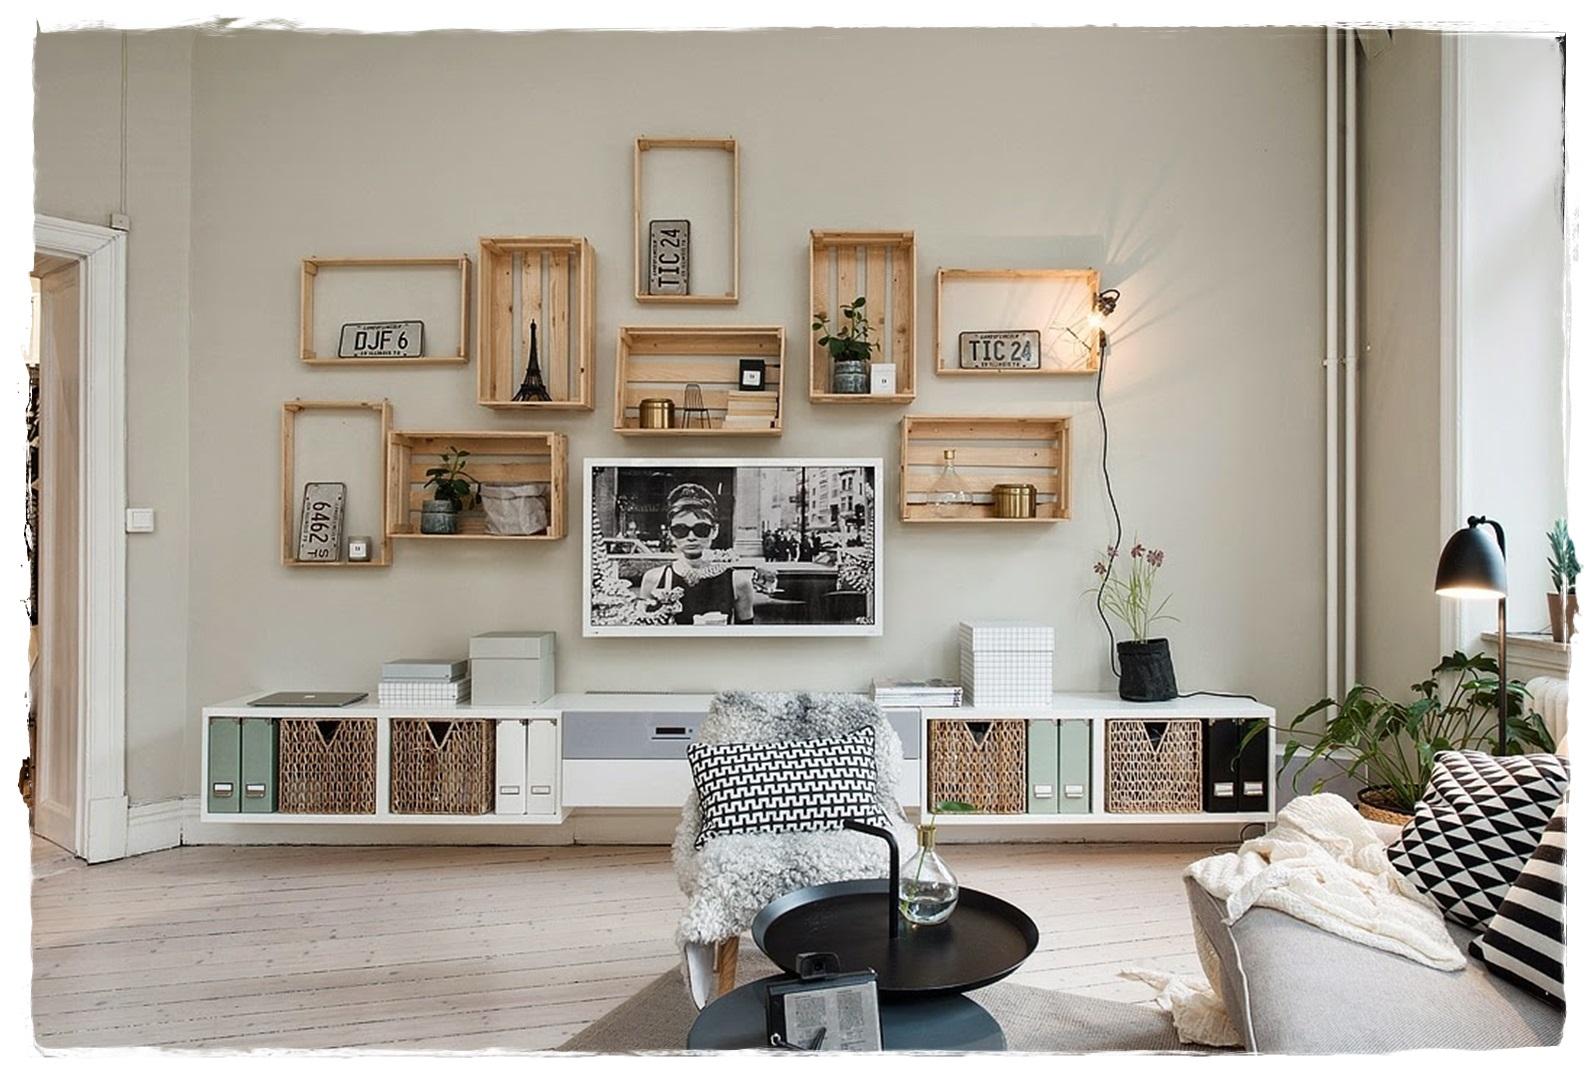 De la naturaleza a tu hogar casa y mantel for Casa online muebles para el hogar